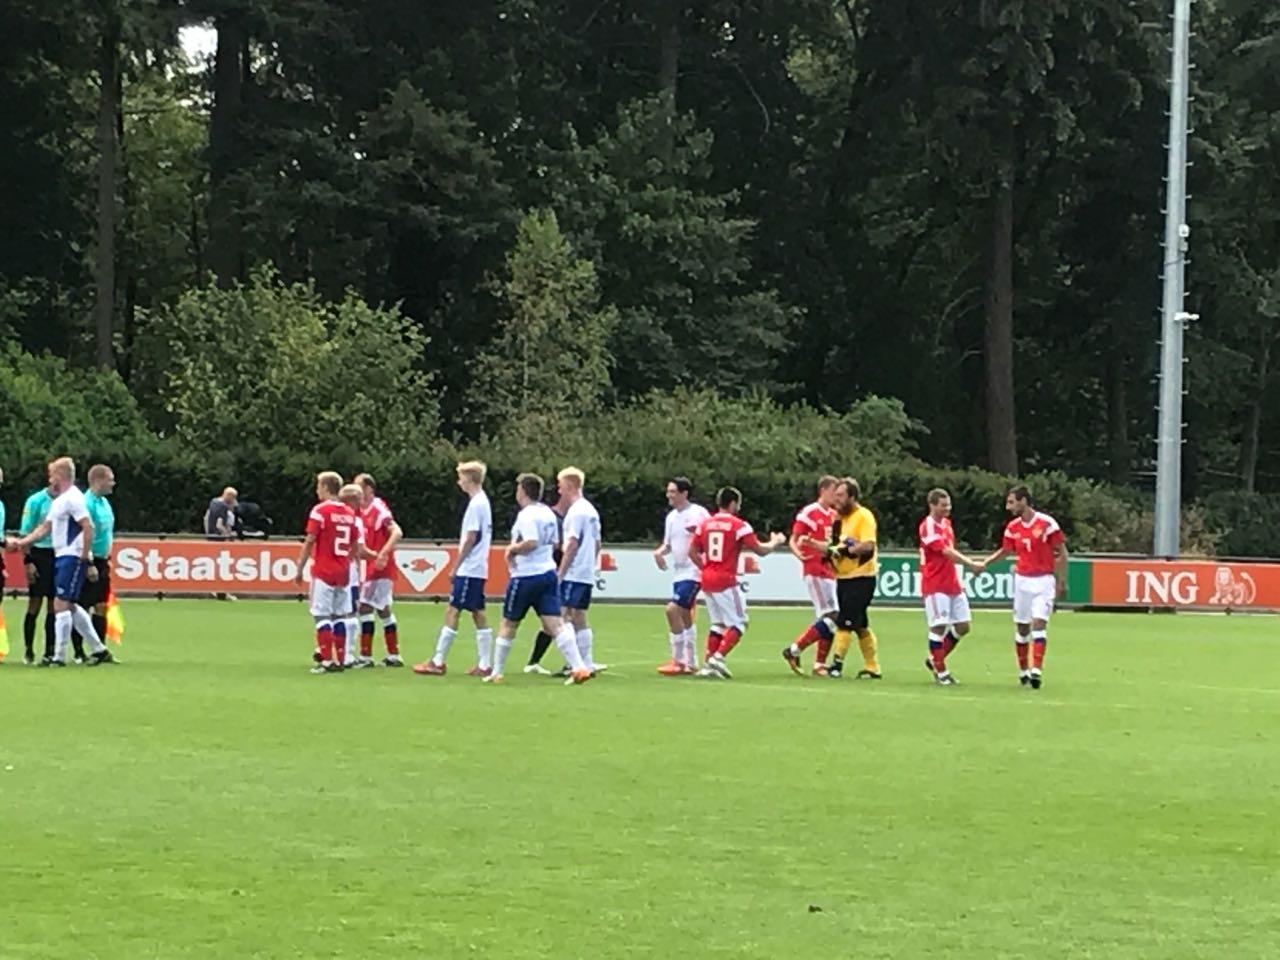 Сборная команда России выиграла у Финляндии со счетом 4-1 в заключительном матче группового этапа чемпионата Европы по футболу 7х7 спорта лиц с заболеванием ЦП в Нидерландах